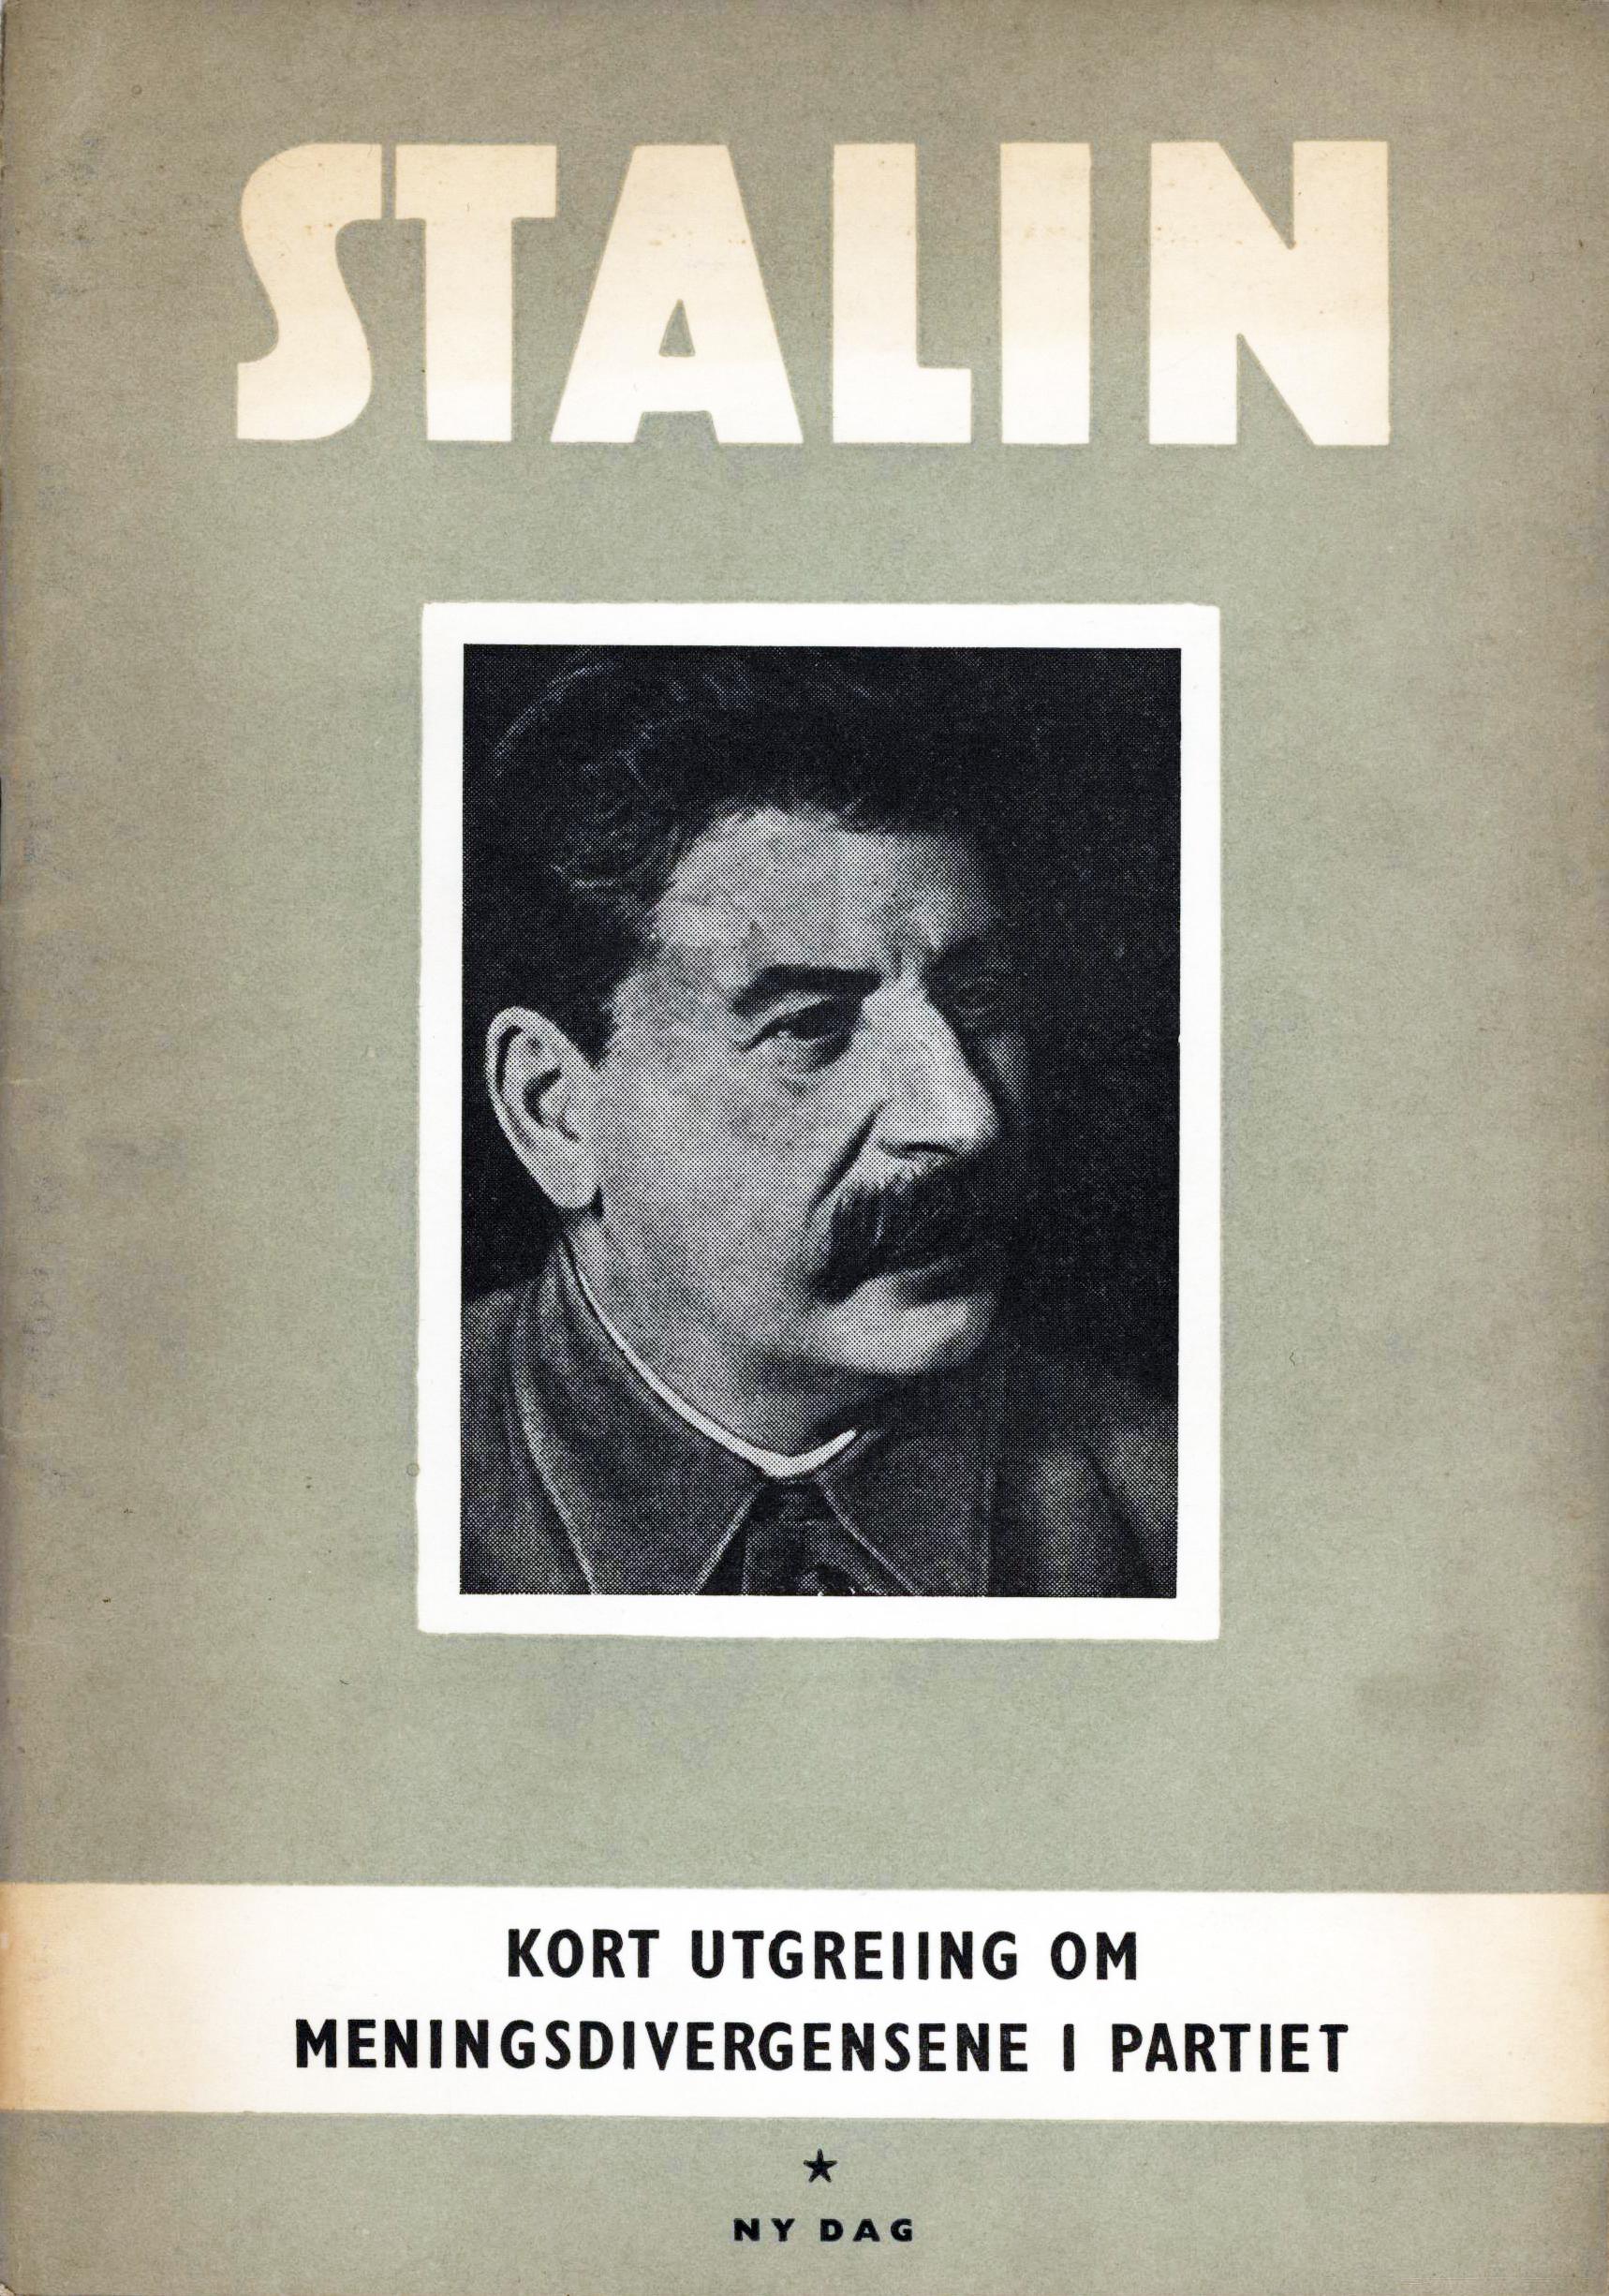 Josef Stalin: Kort utgreiing om meningsdivergensene i partiet